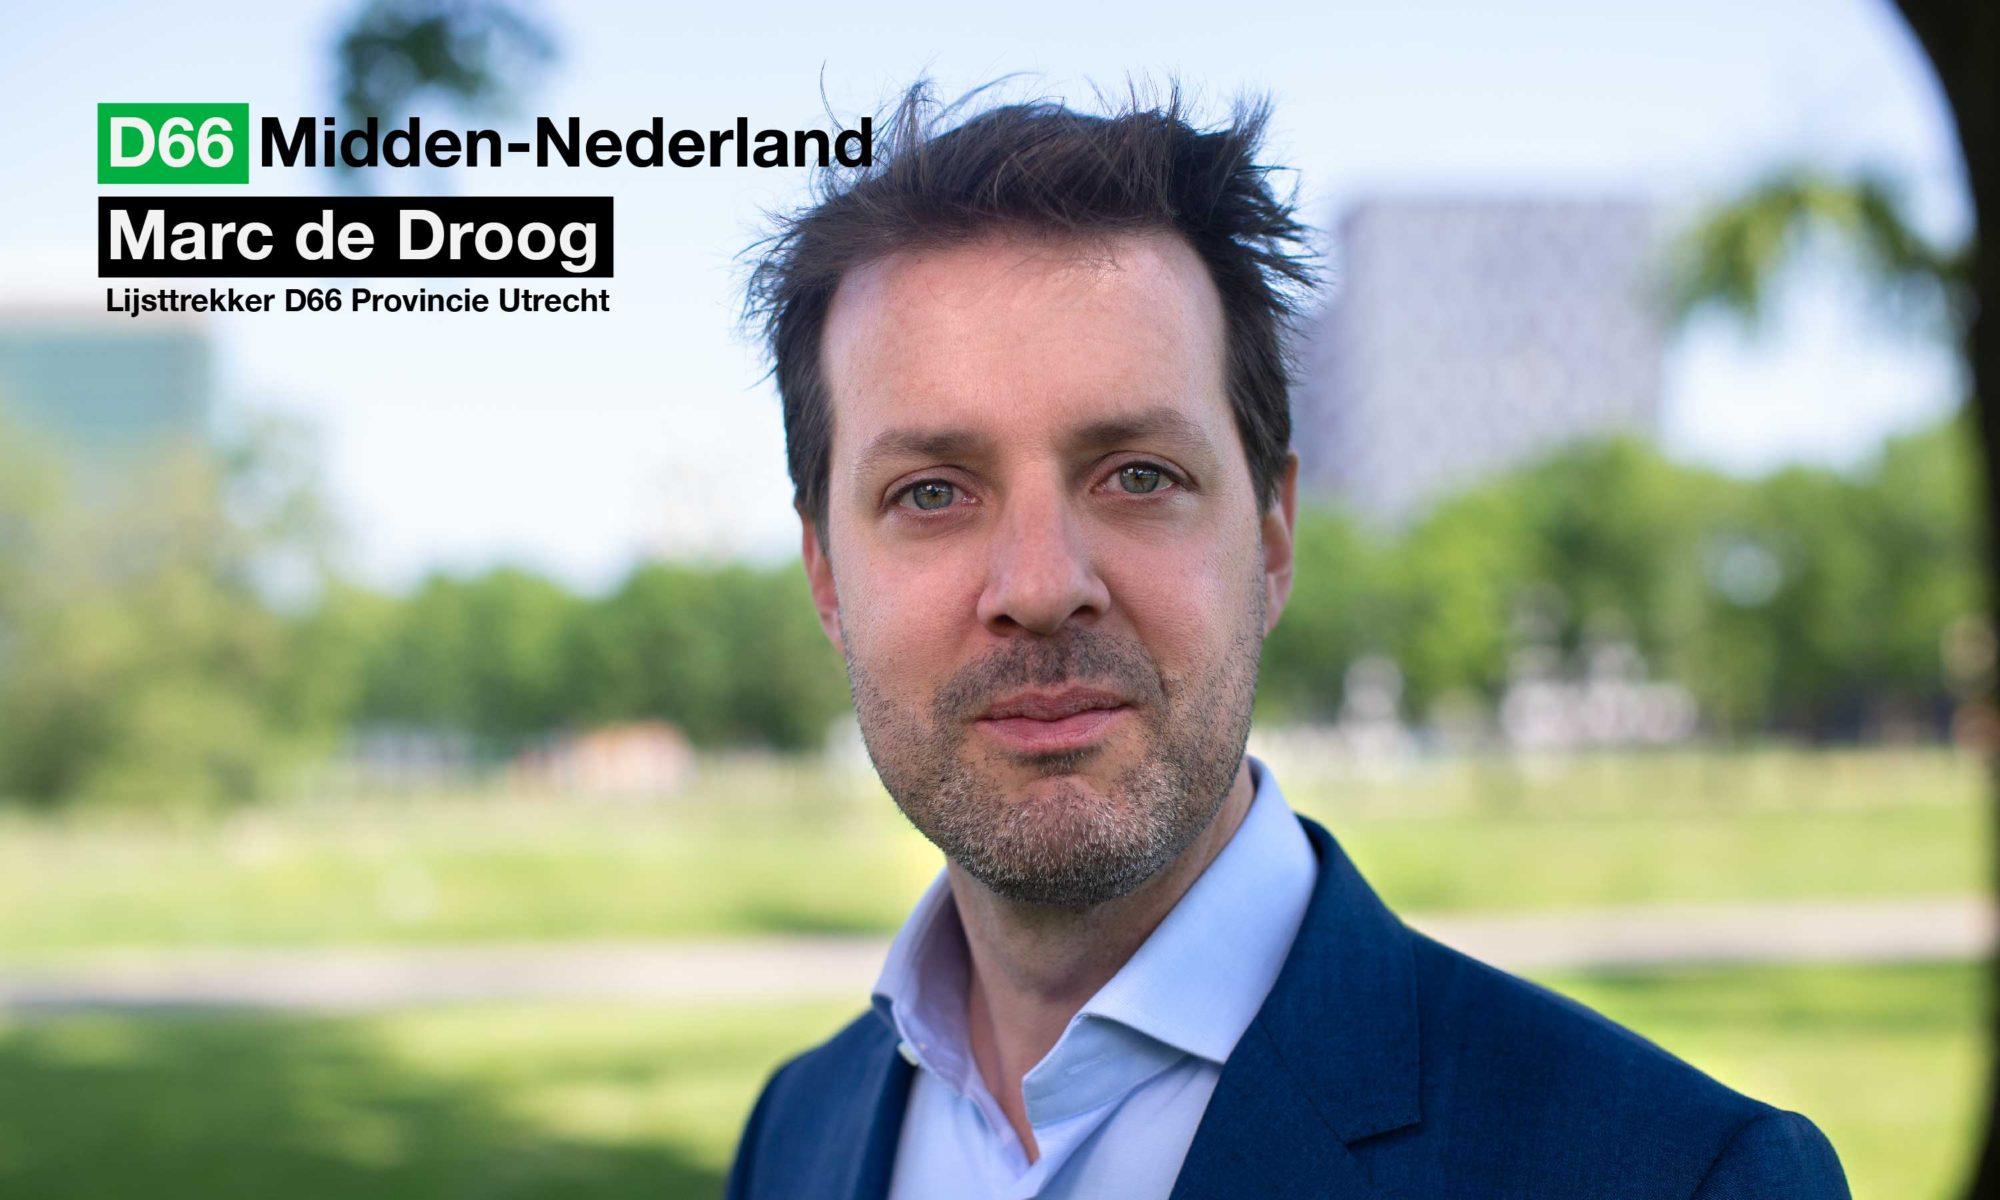 Marc de Droog